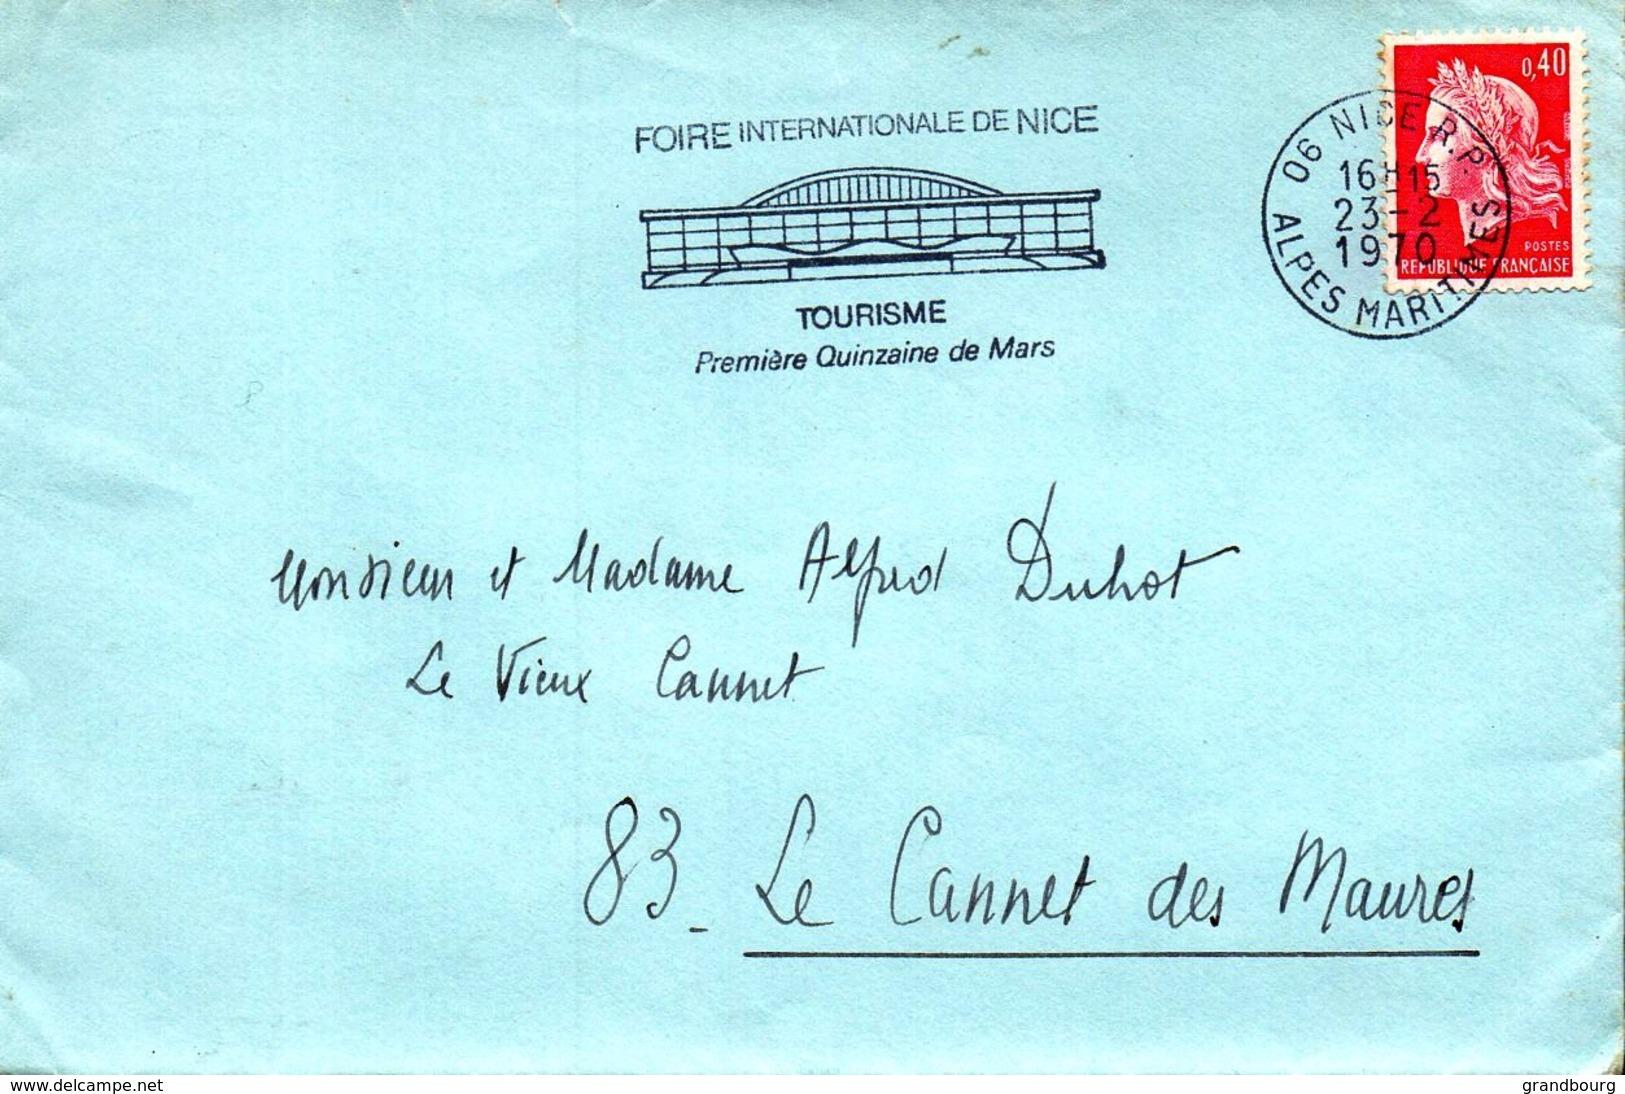 1 - Flamme NICE 06 FOIRE INTERNATIONALE DE NICE  - 1970 - Storia Postale